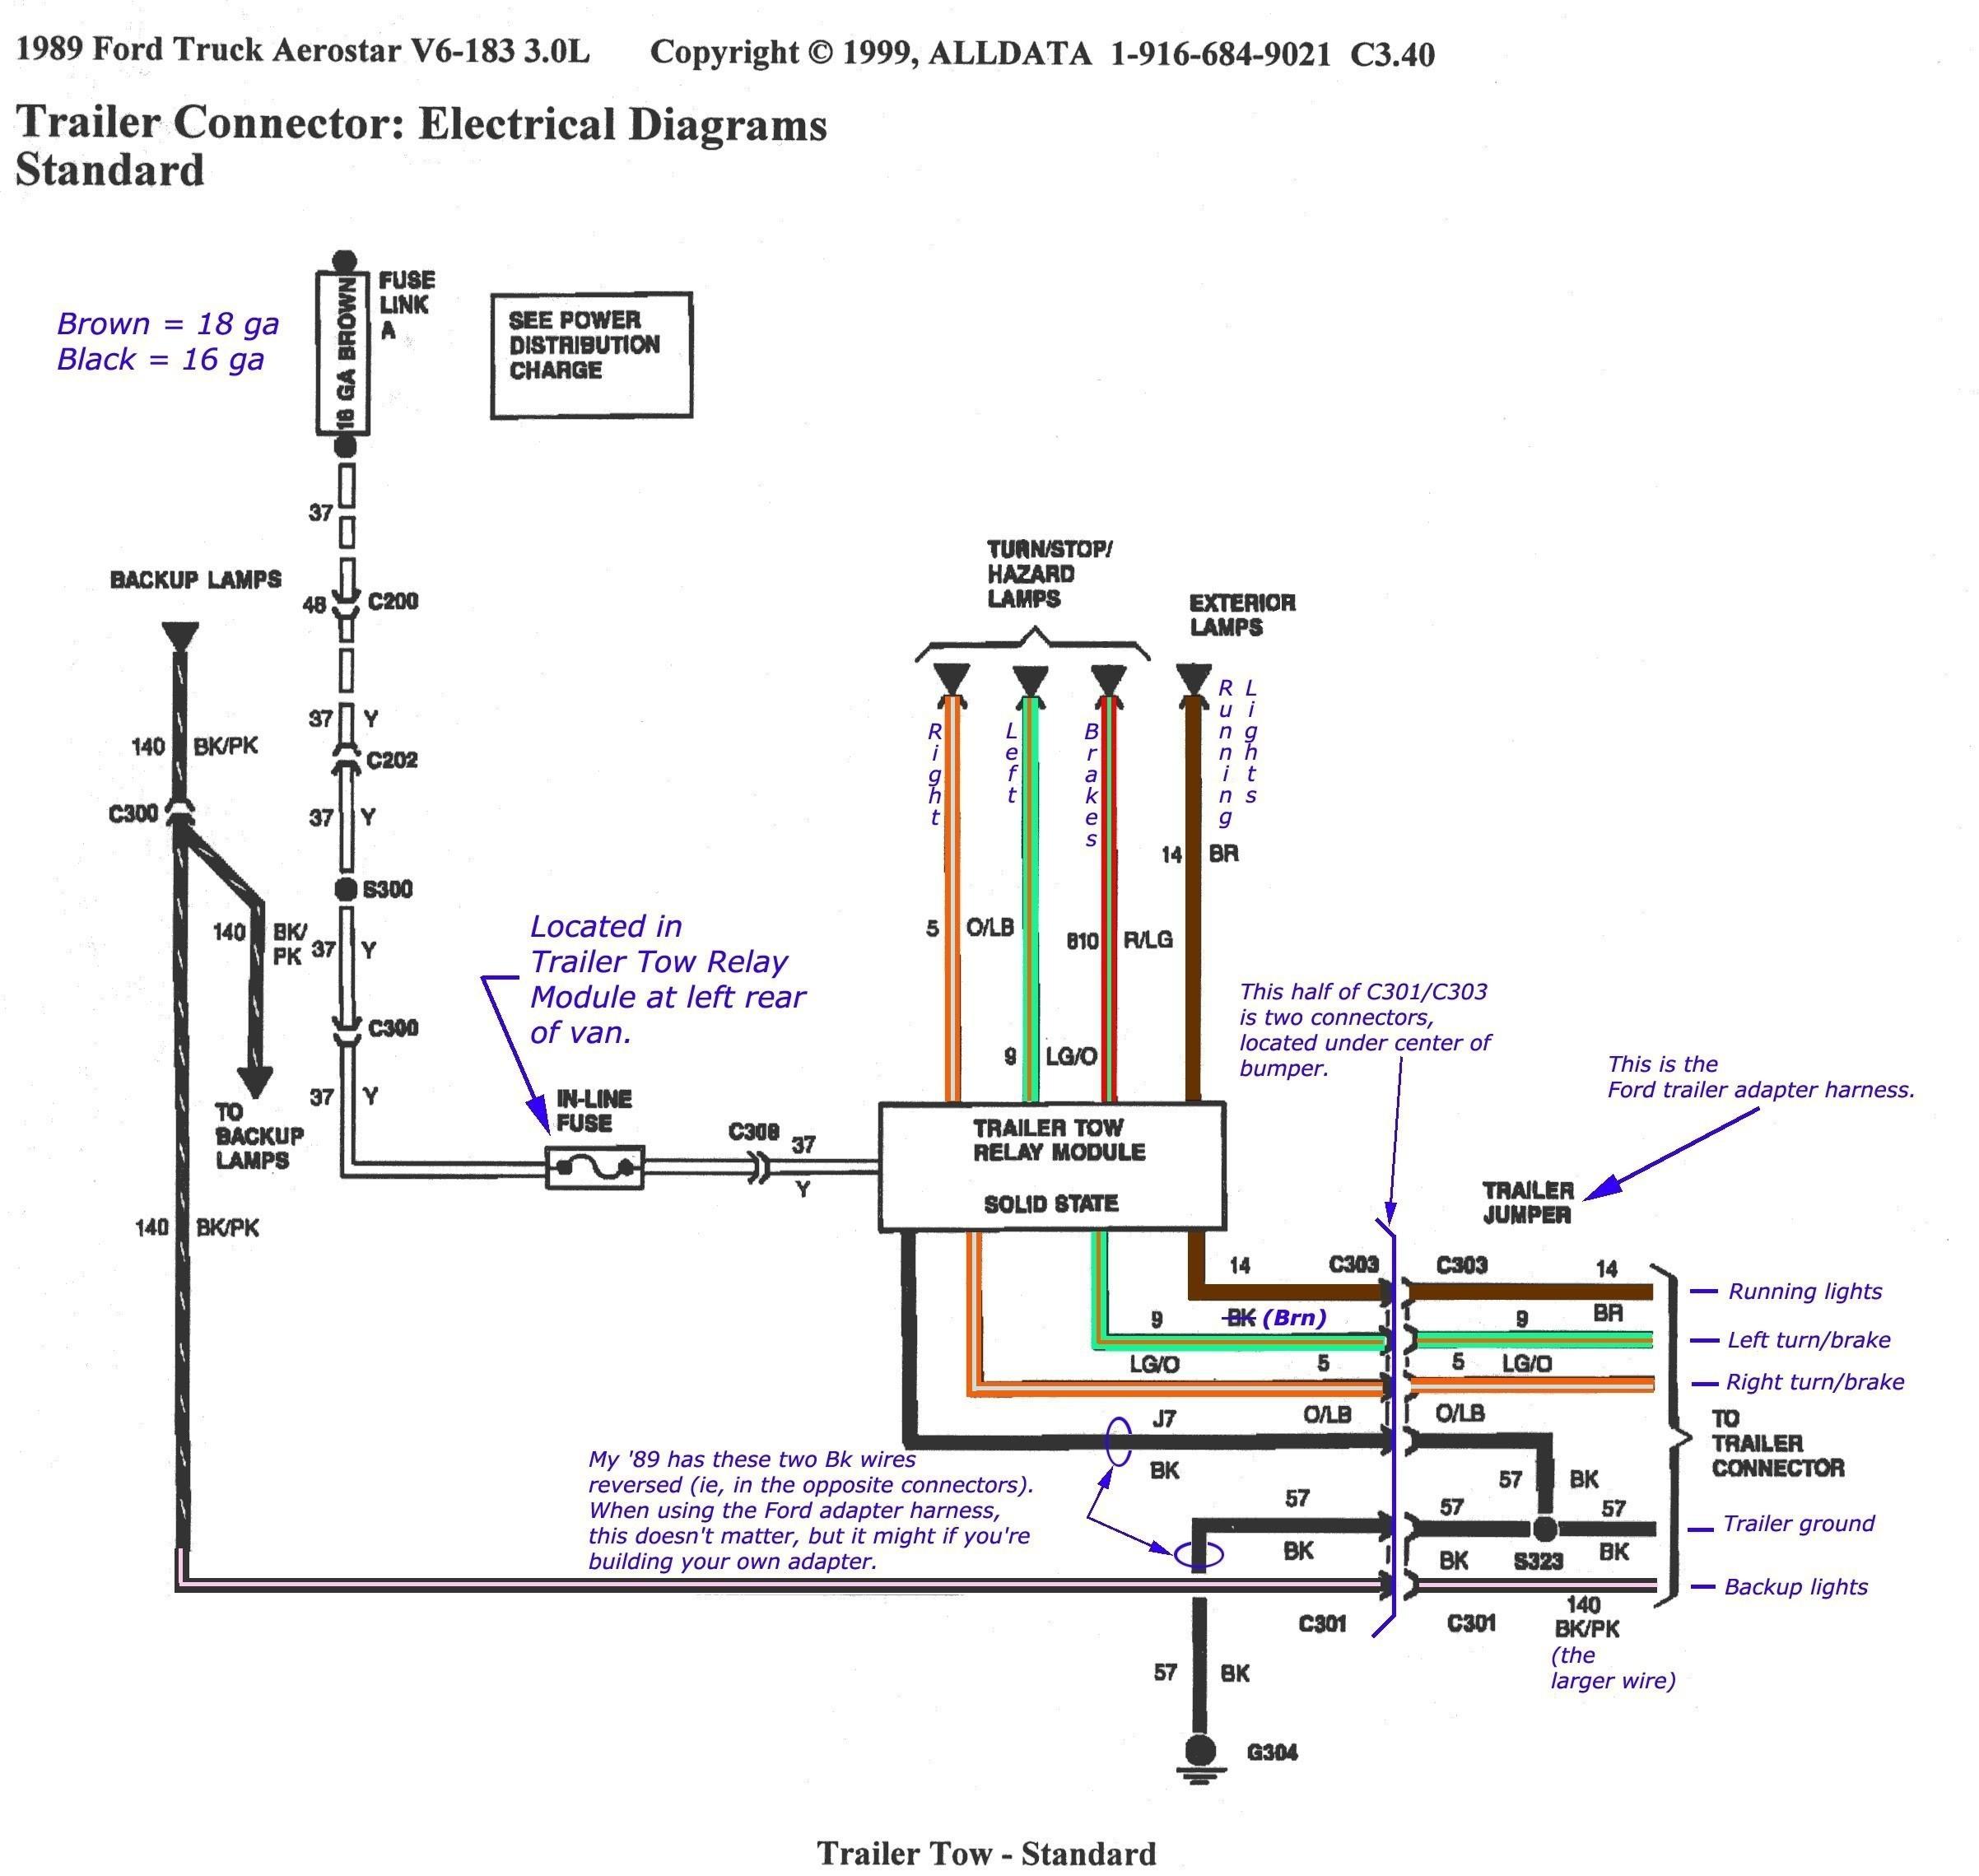 Subaru Impreza Wiring Diagram 1999 Subaru Impreza Wiring Diagram Page 3 Wiring Diagram and Of Subaru Impreza Wiring Diagram